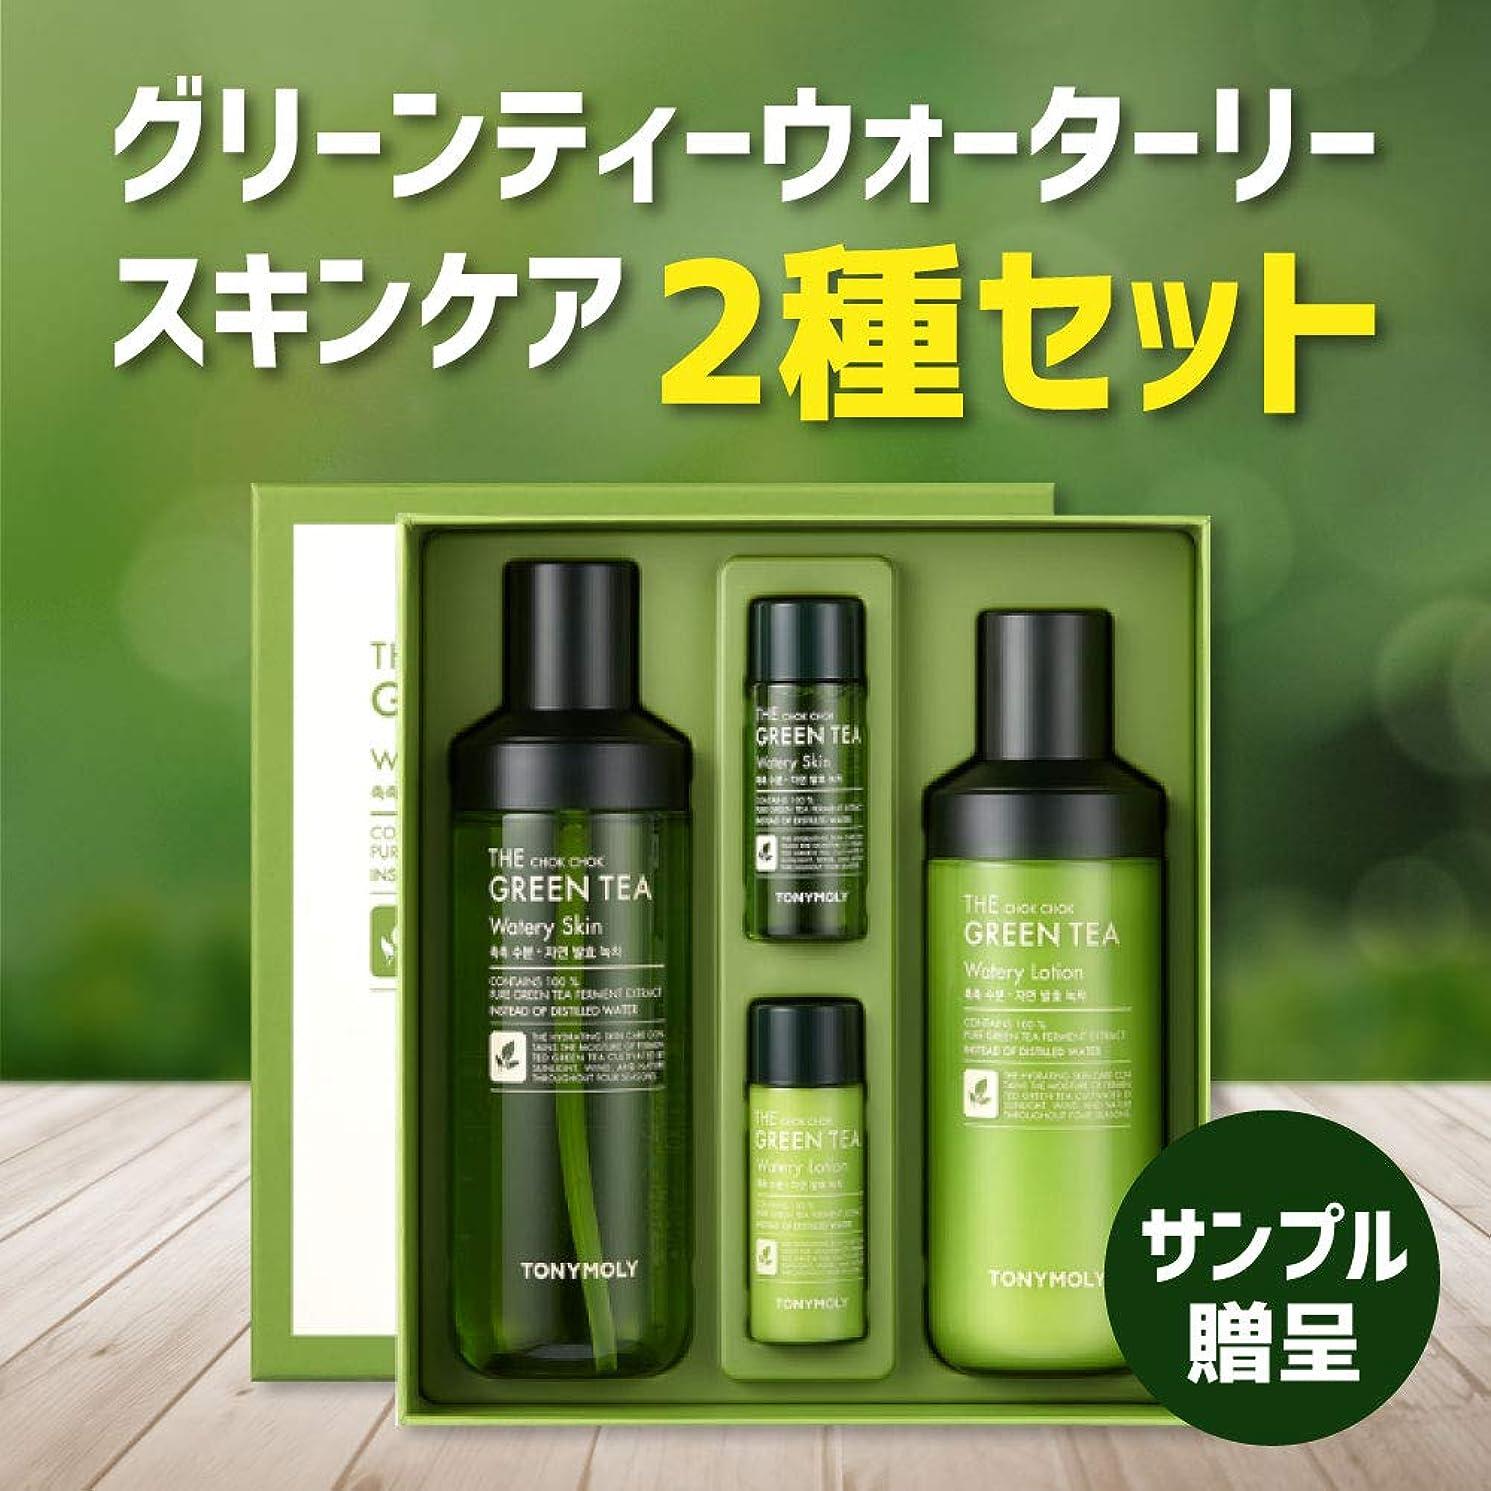 砂利パズル扱いやすいTONYMOLY しっとり グリーン ティー 水分 化粧水 乳液 セット 抹茶 The Chok Chok Green Tea Watery Skin